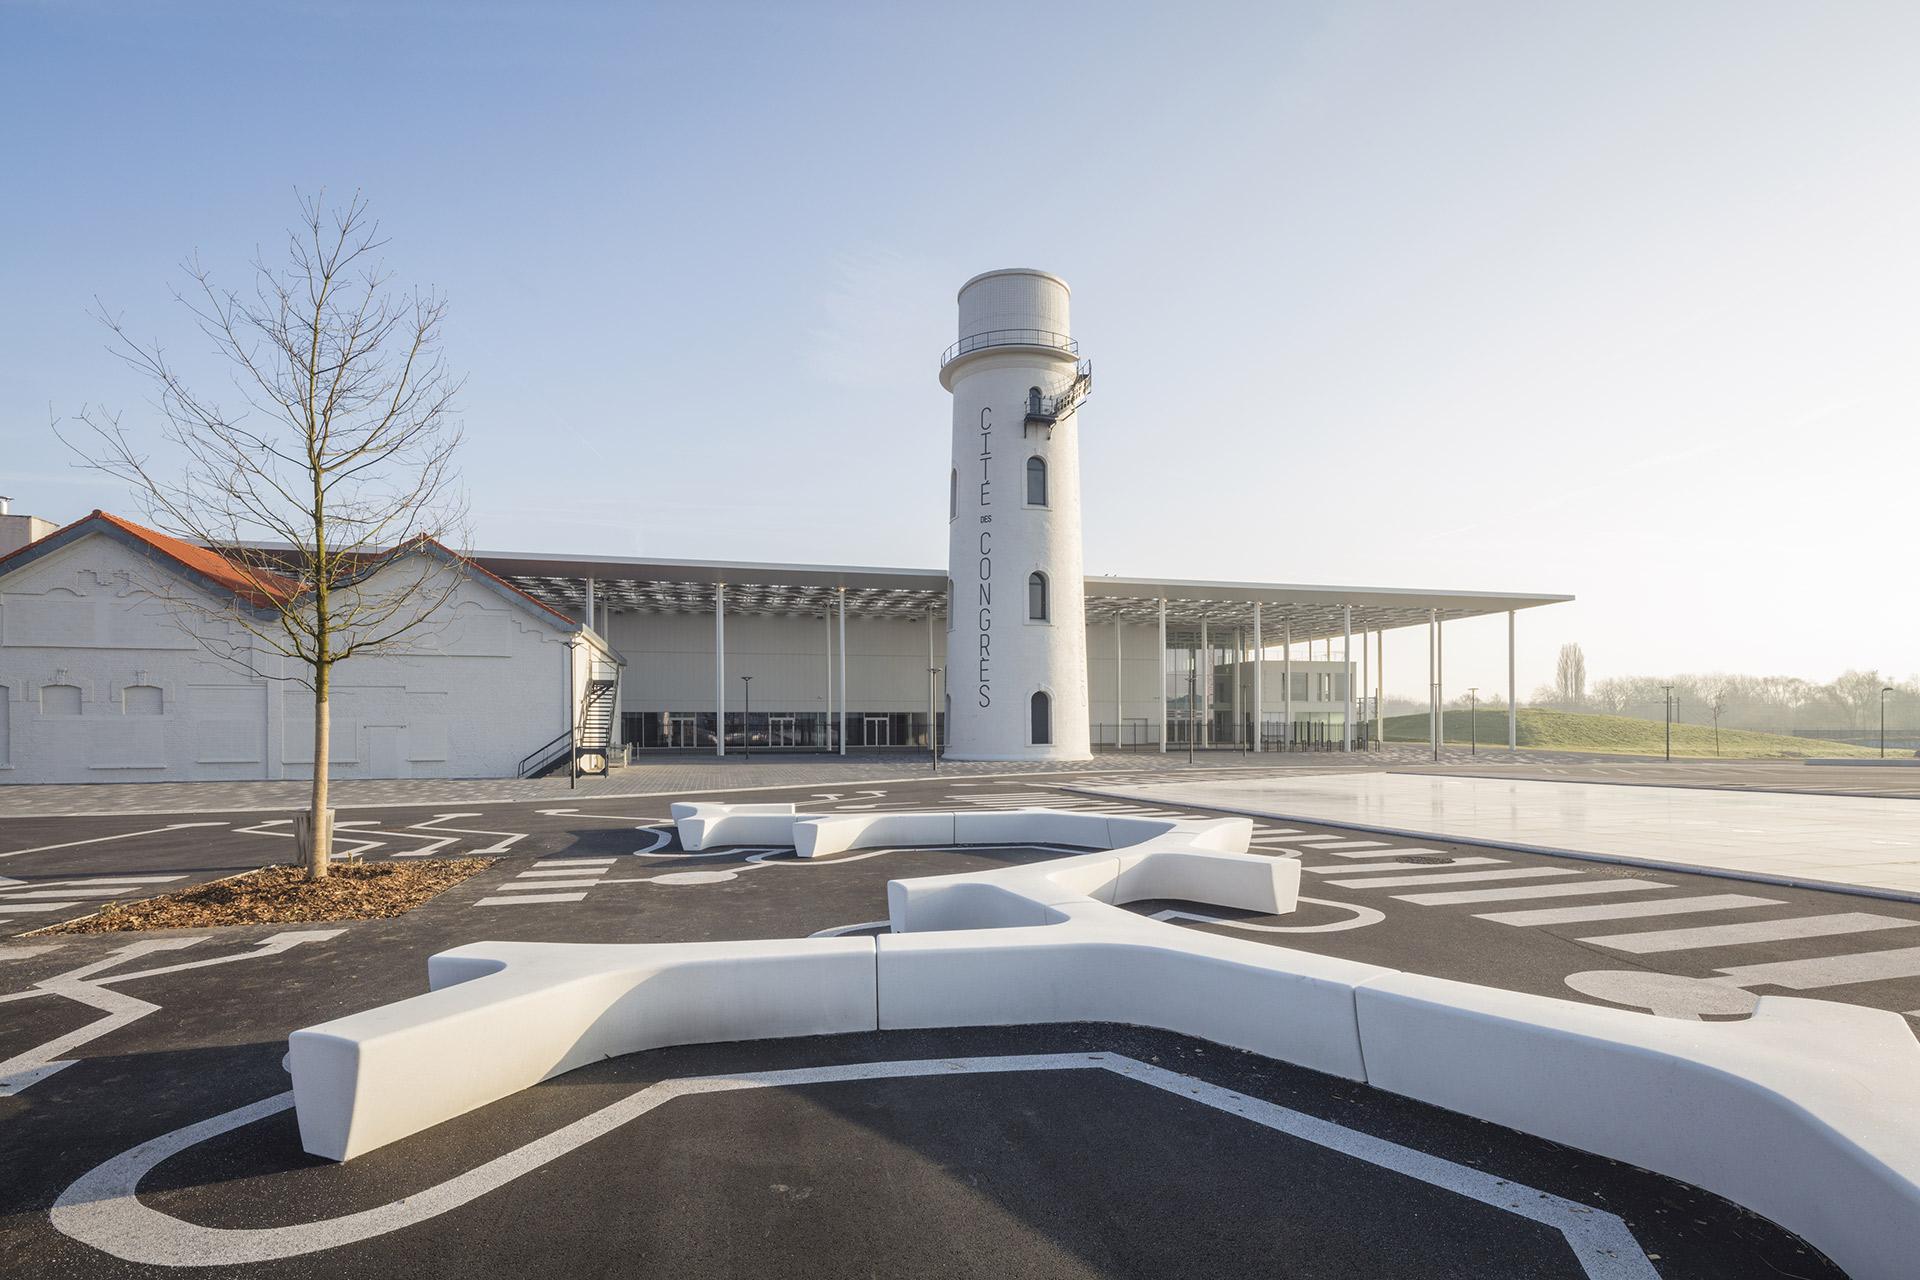 Entreprise Generale De Batiment Tourcoing ramery : groupe de bâtiment et travaux publics